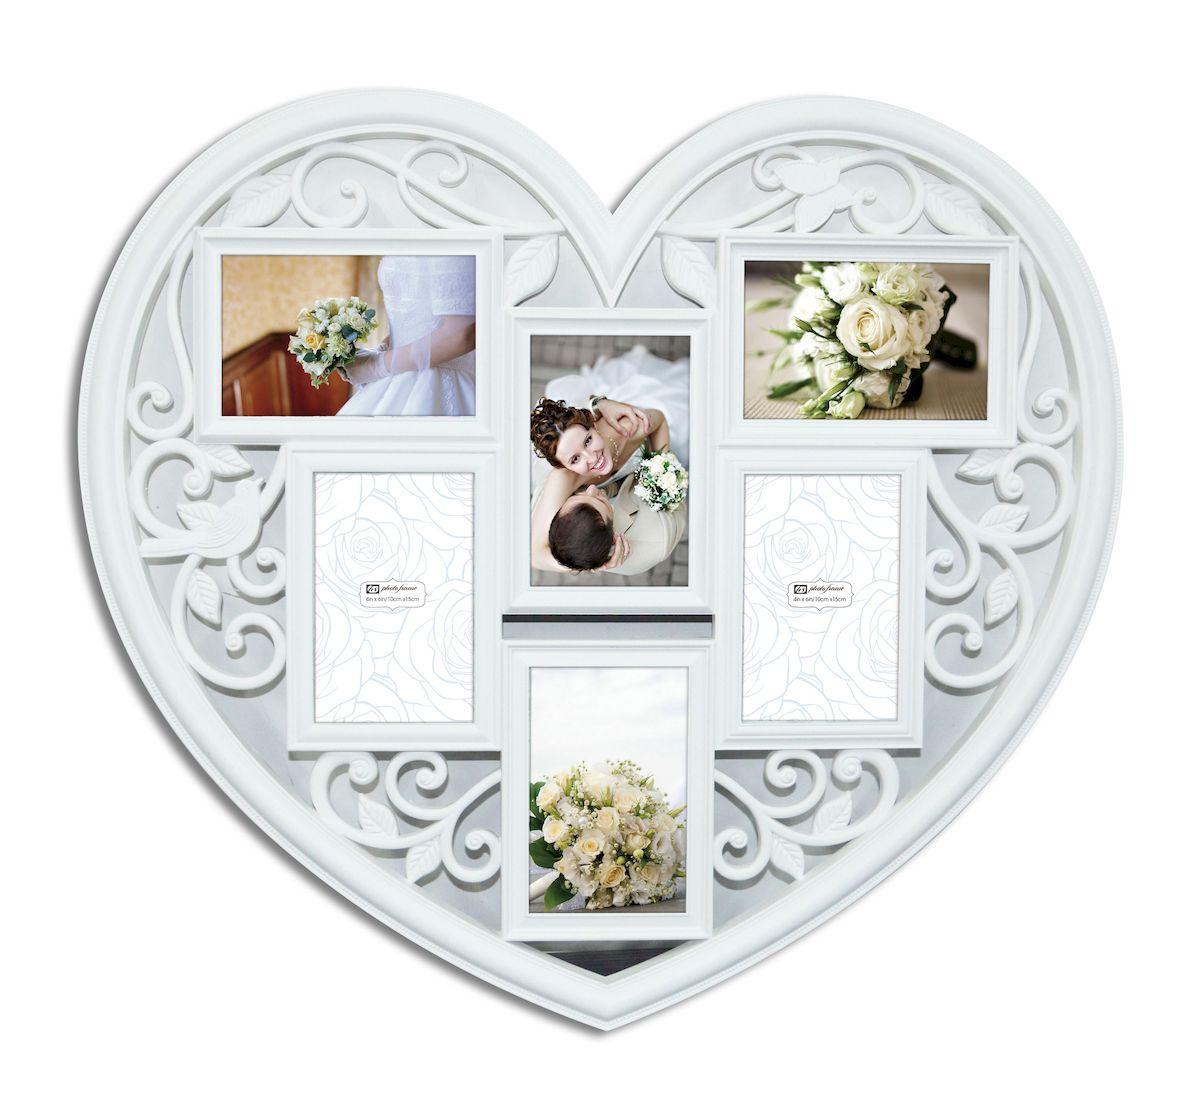 Фоторамка декоративная Magic Home Сердце, 57,5х53,5х2см. 4147141471